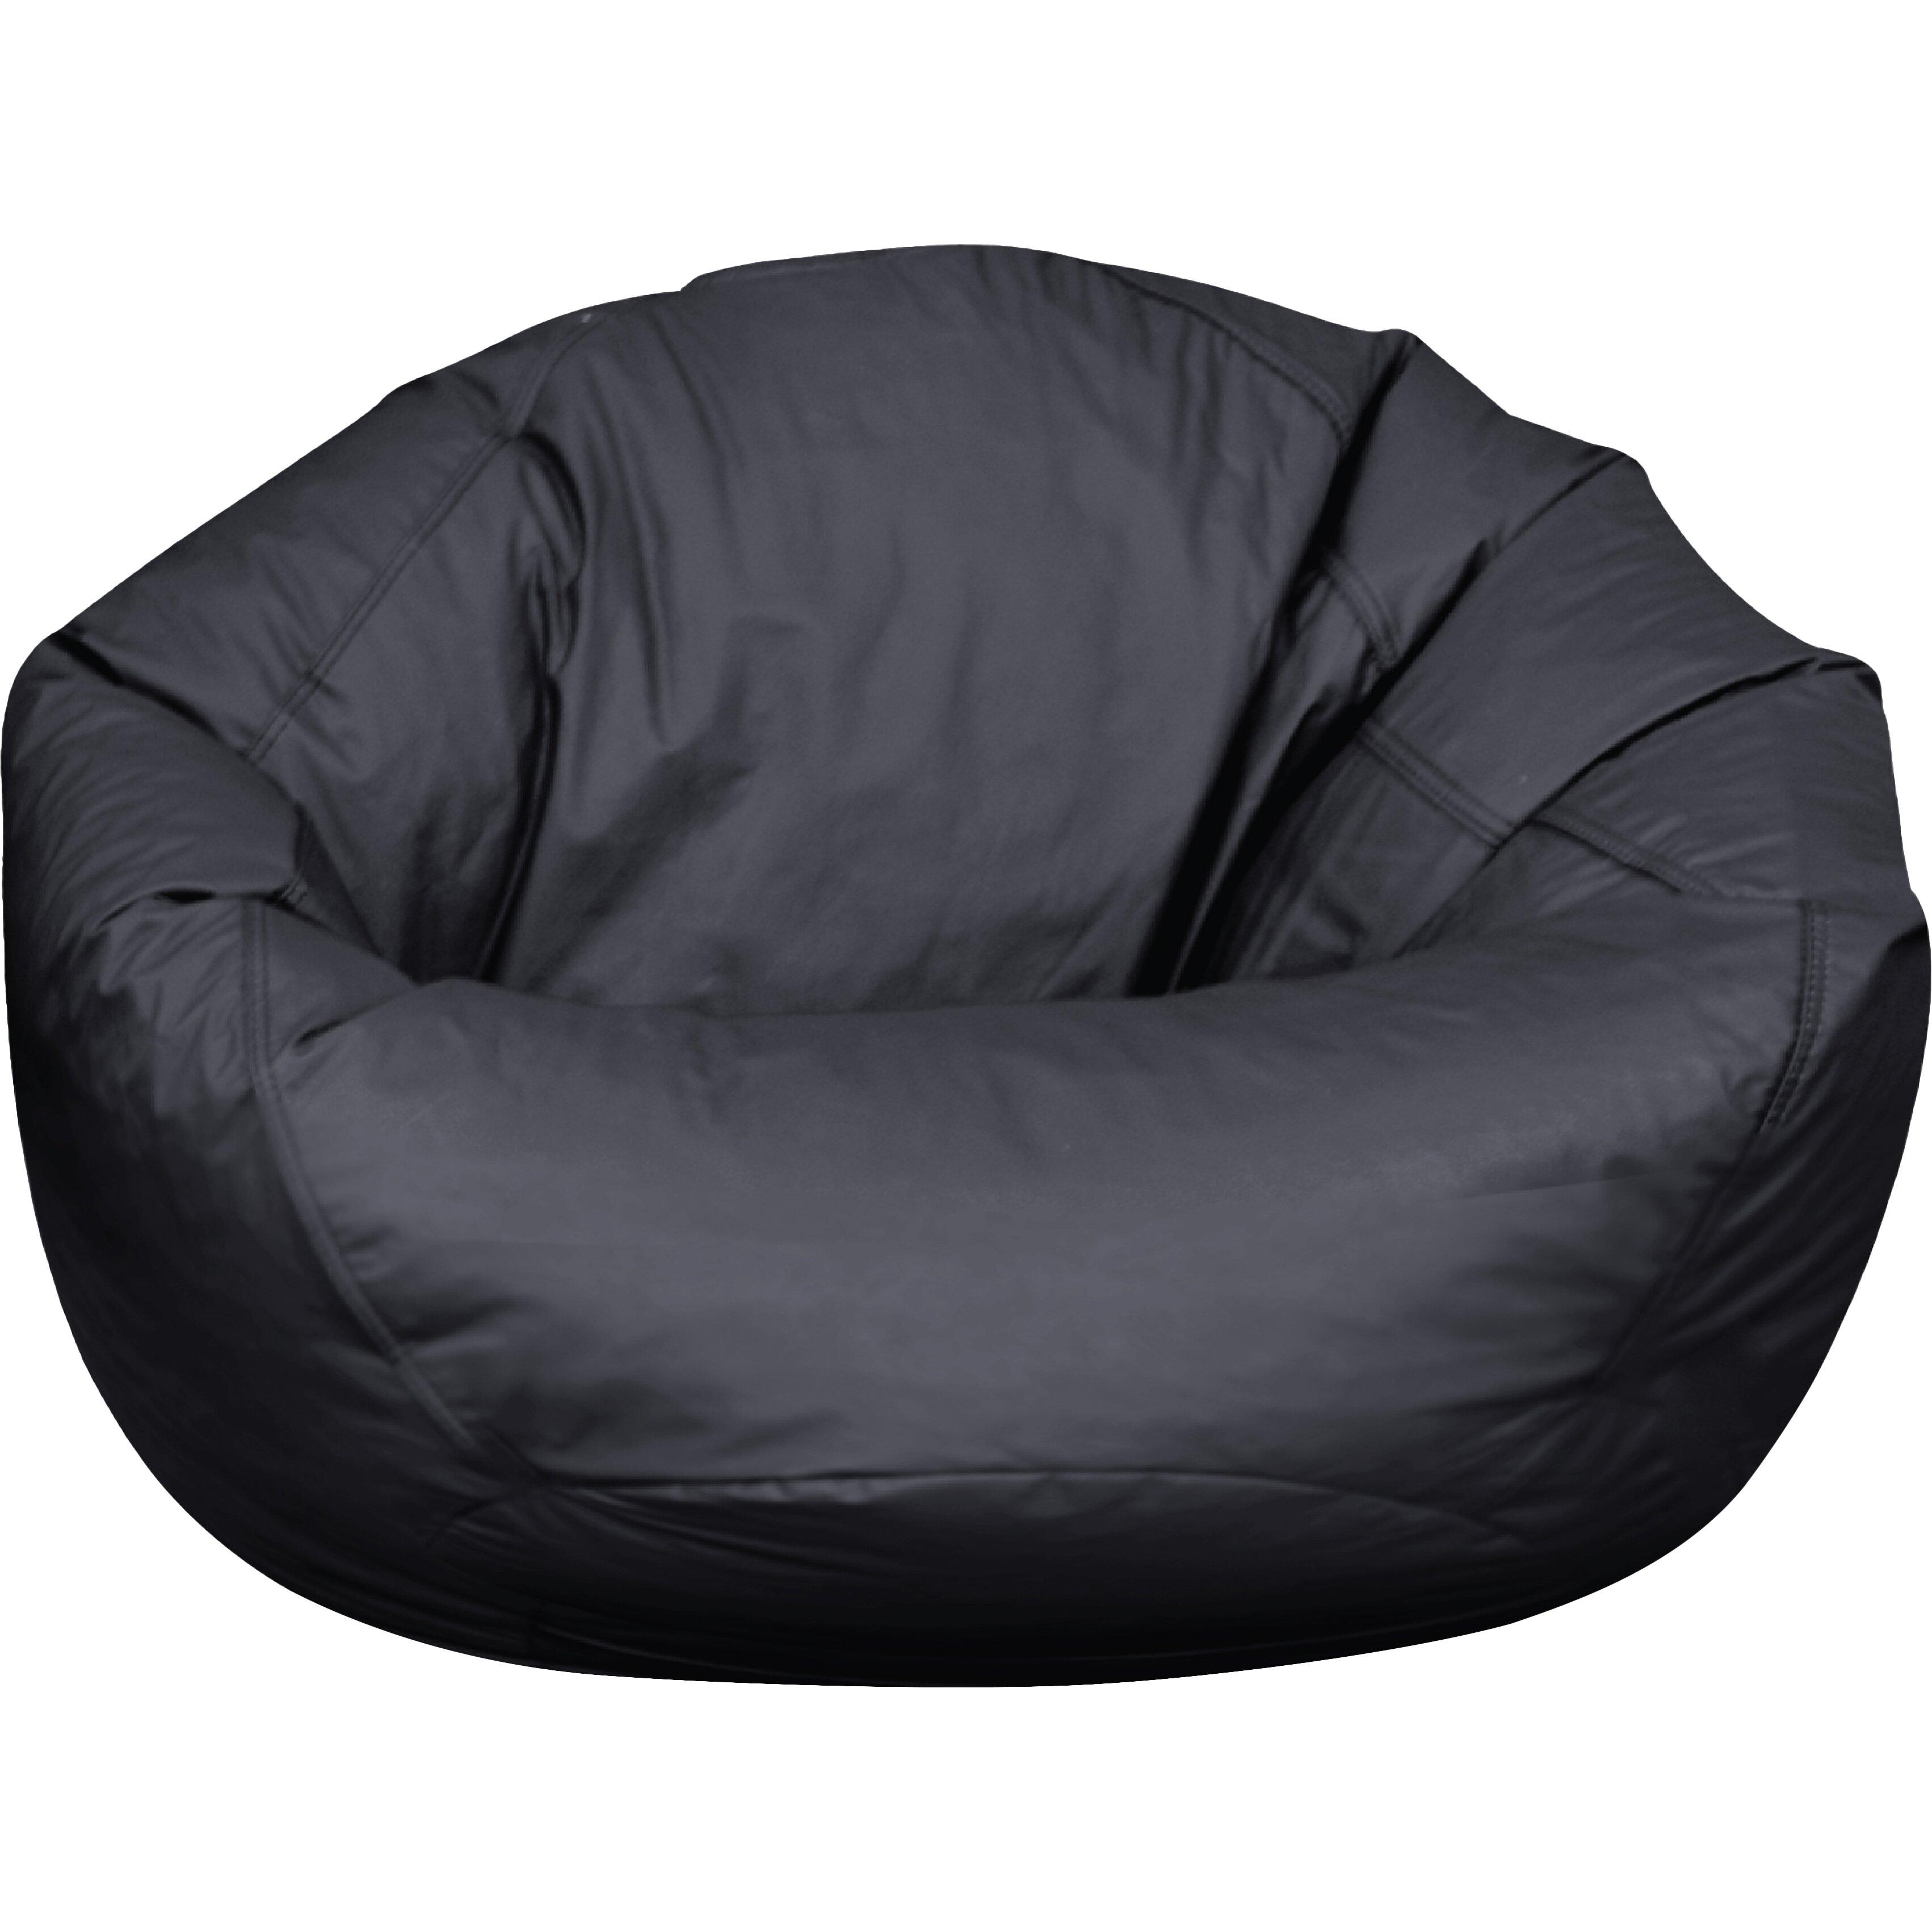 . Bean Bag Chairs You ll Love